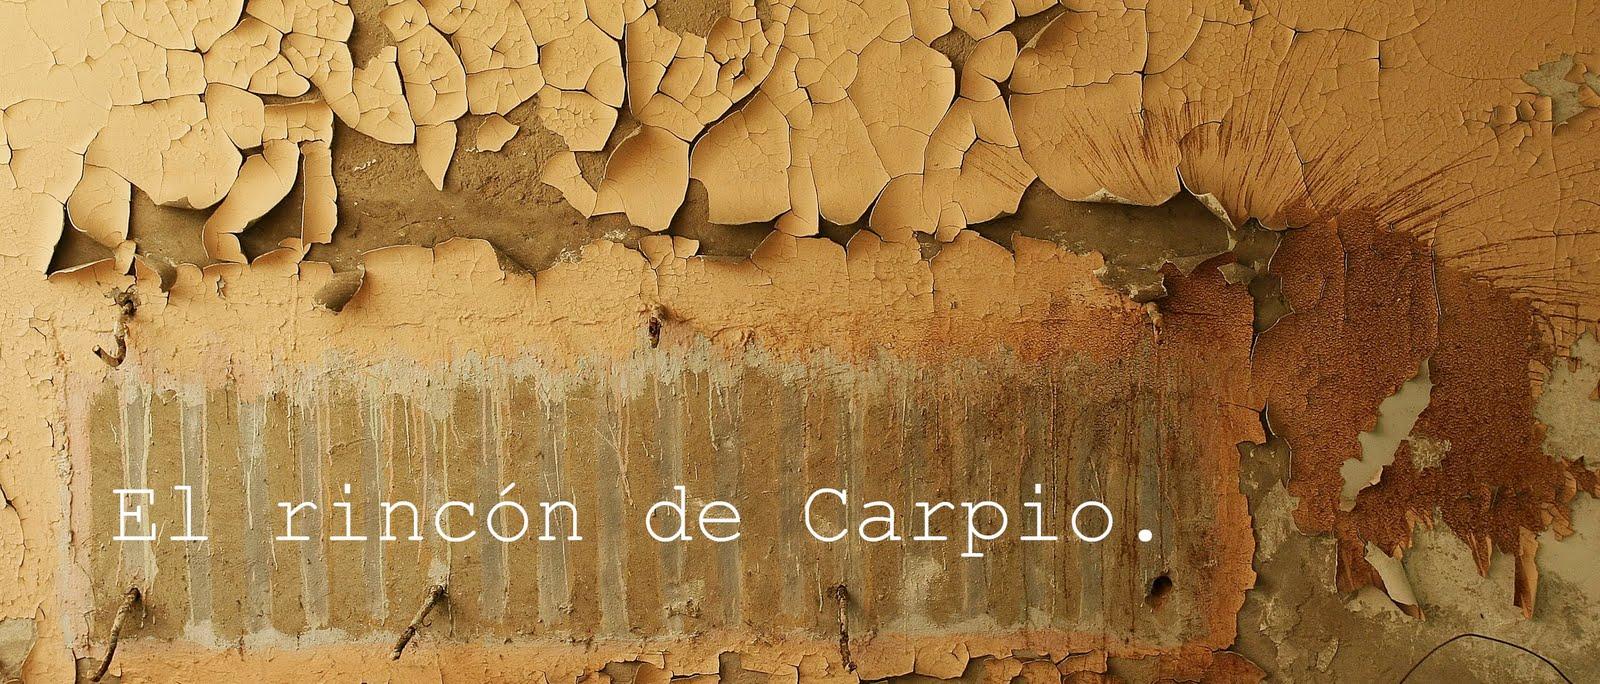 El rincón de Carpio.